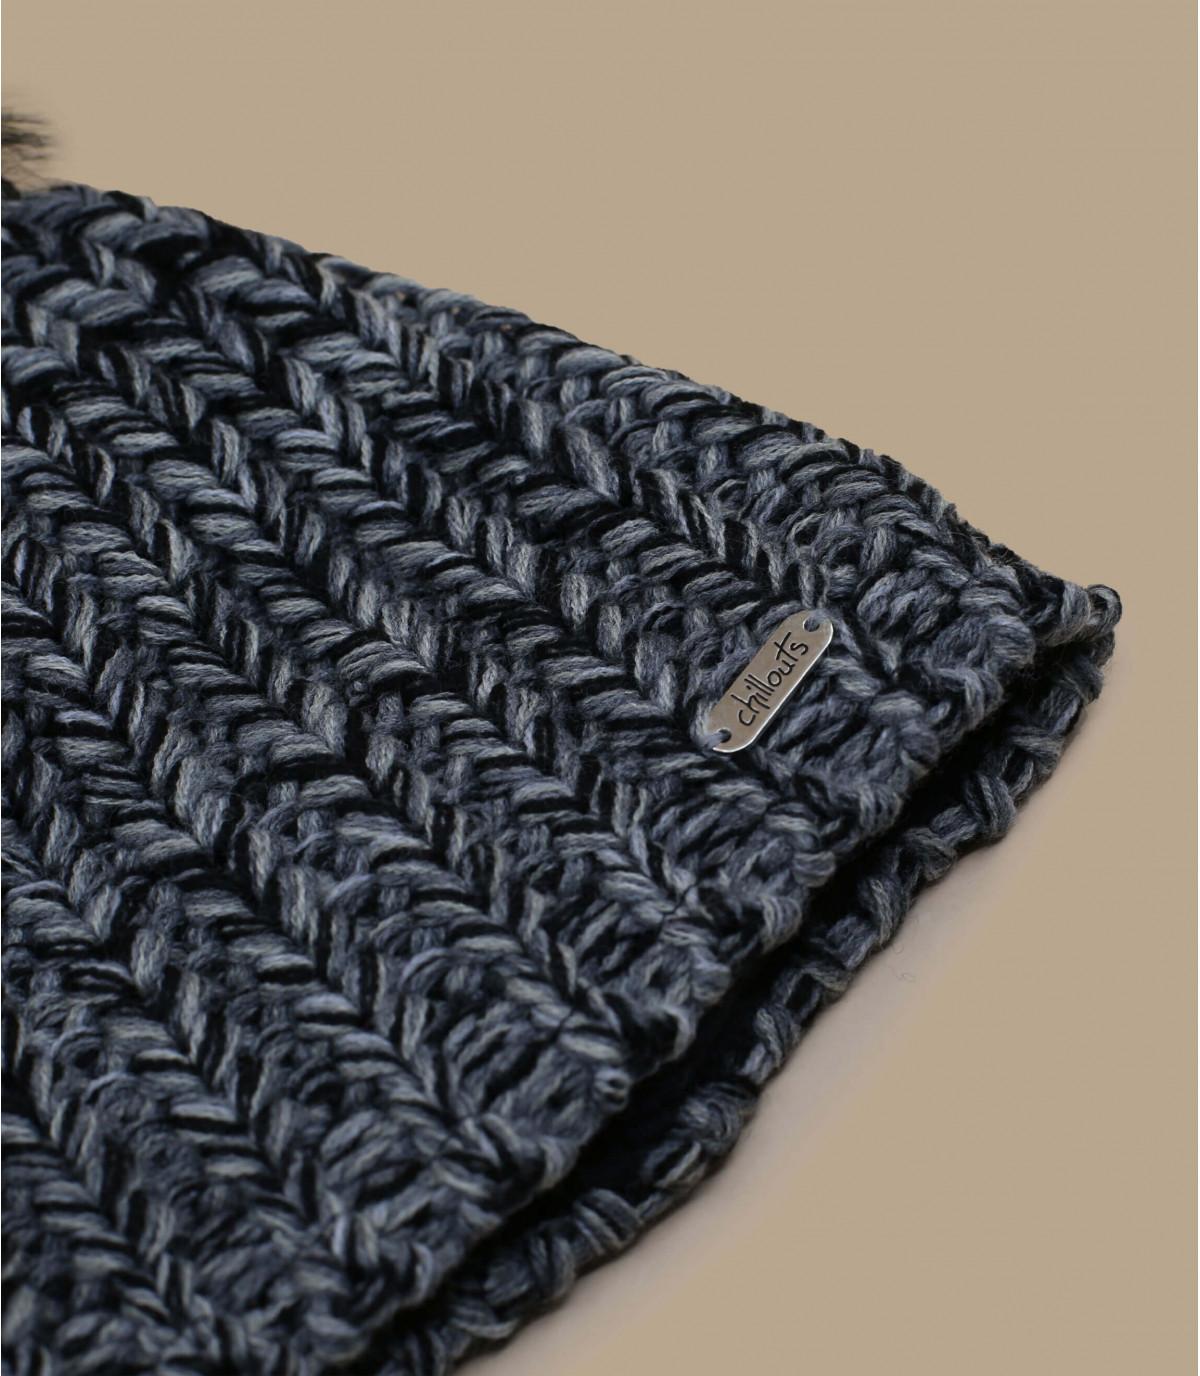 Details Curly hat black grey - Abbildung 2